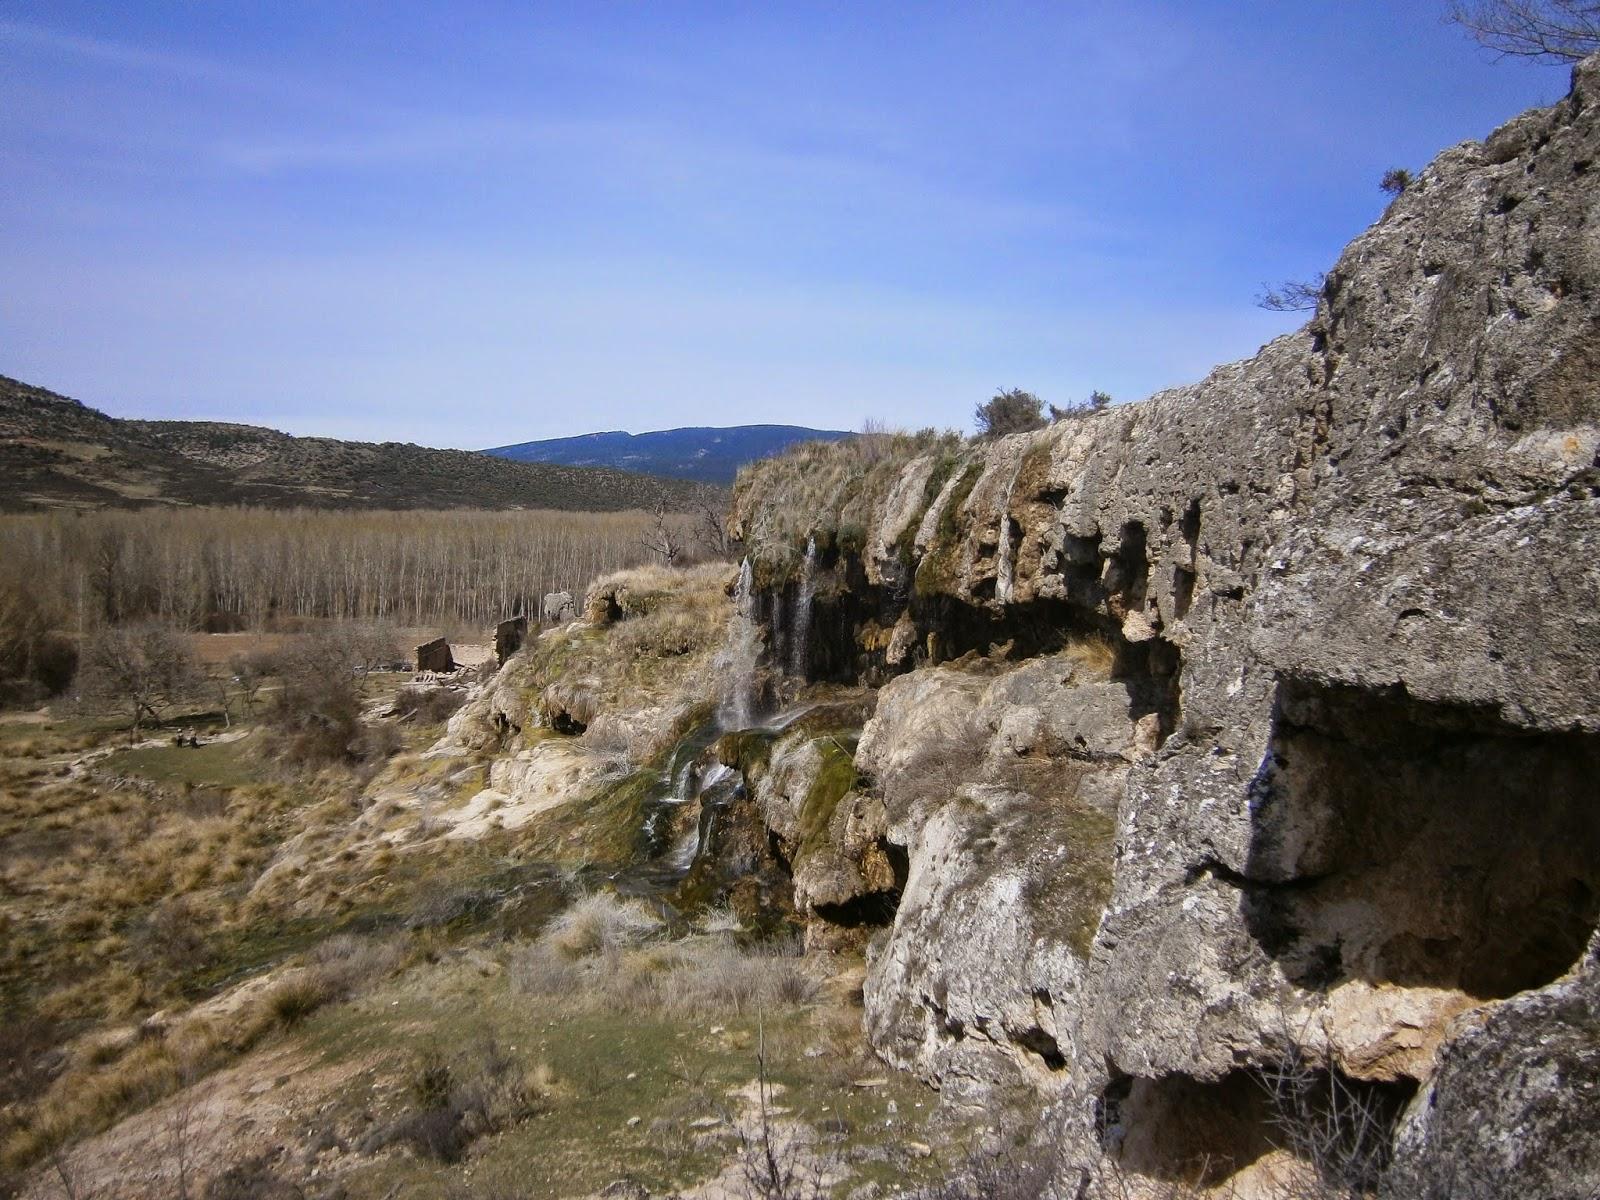 Cascada Tobacea Valdemoro Sierra, Autor: Miguel Alejandro Castillo Moya